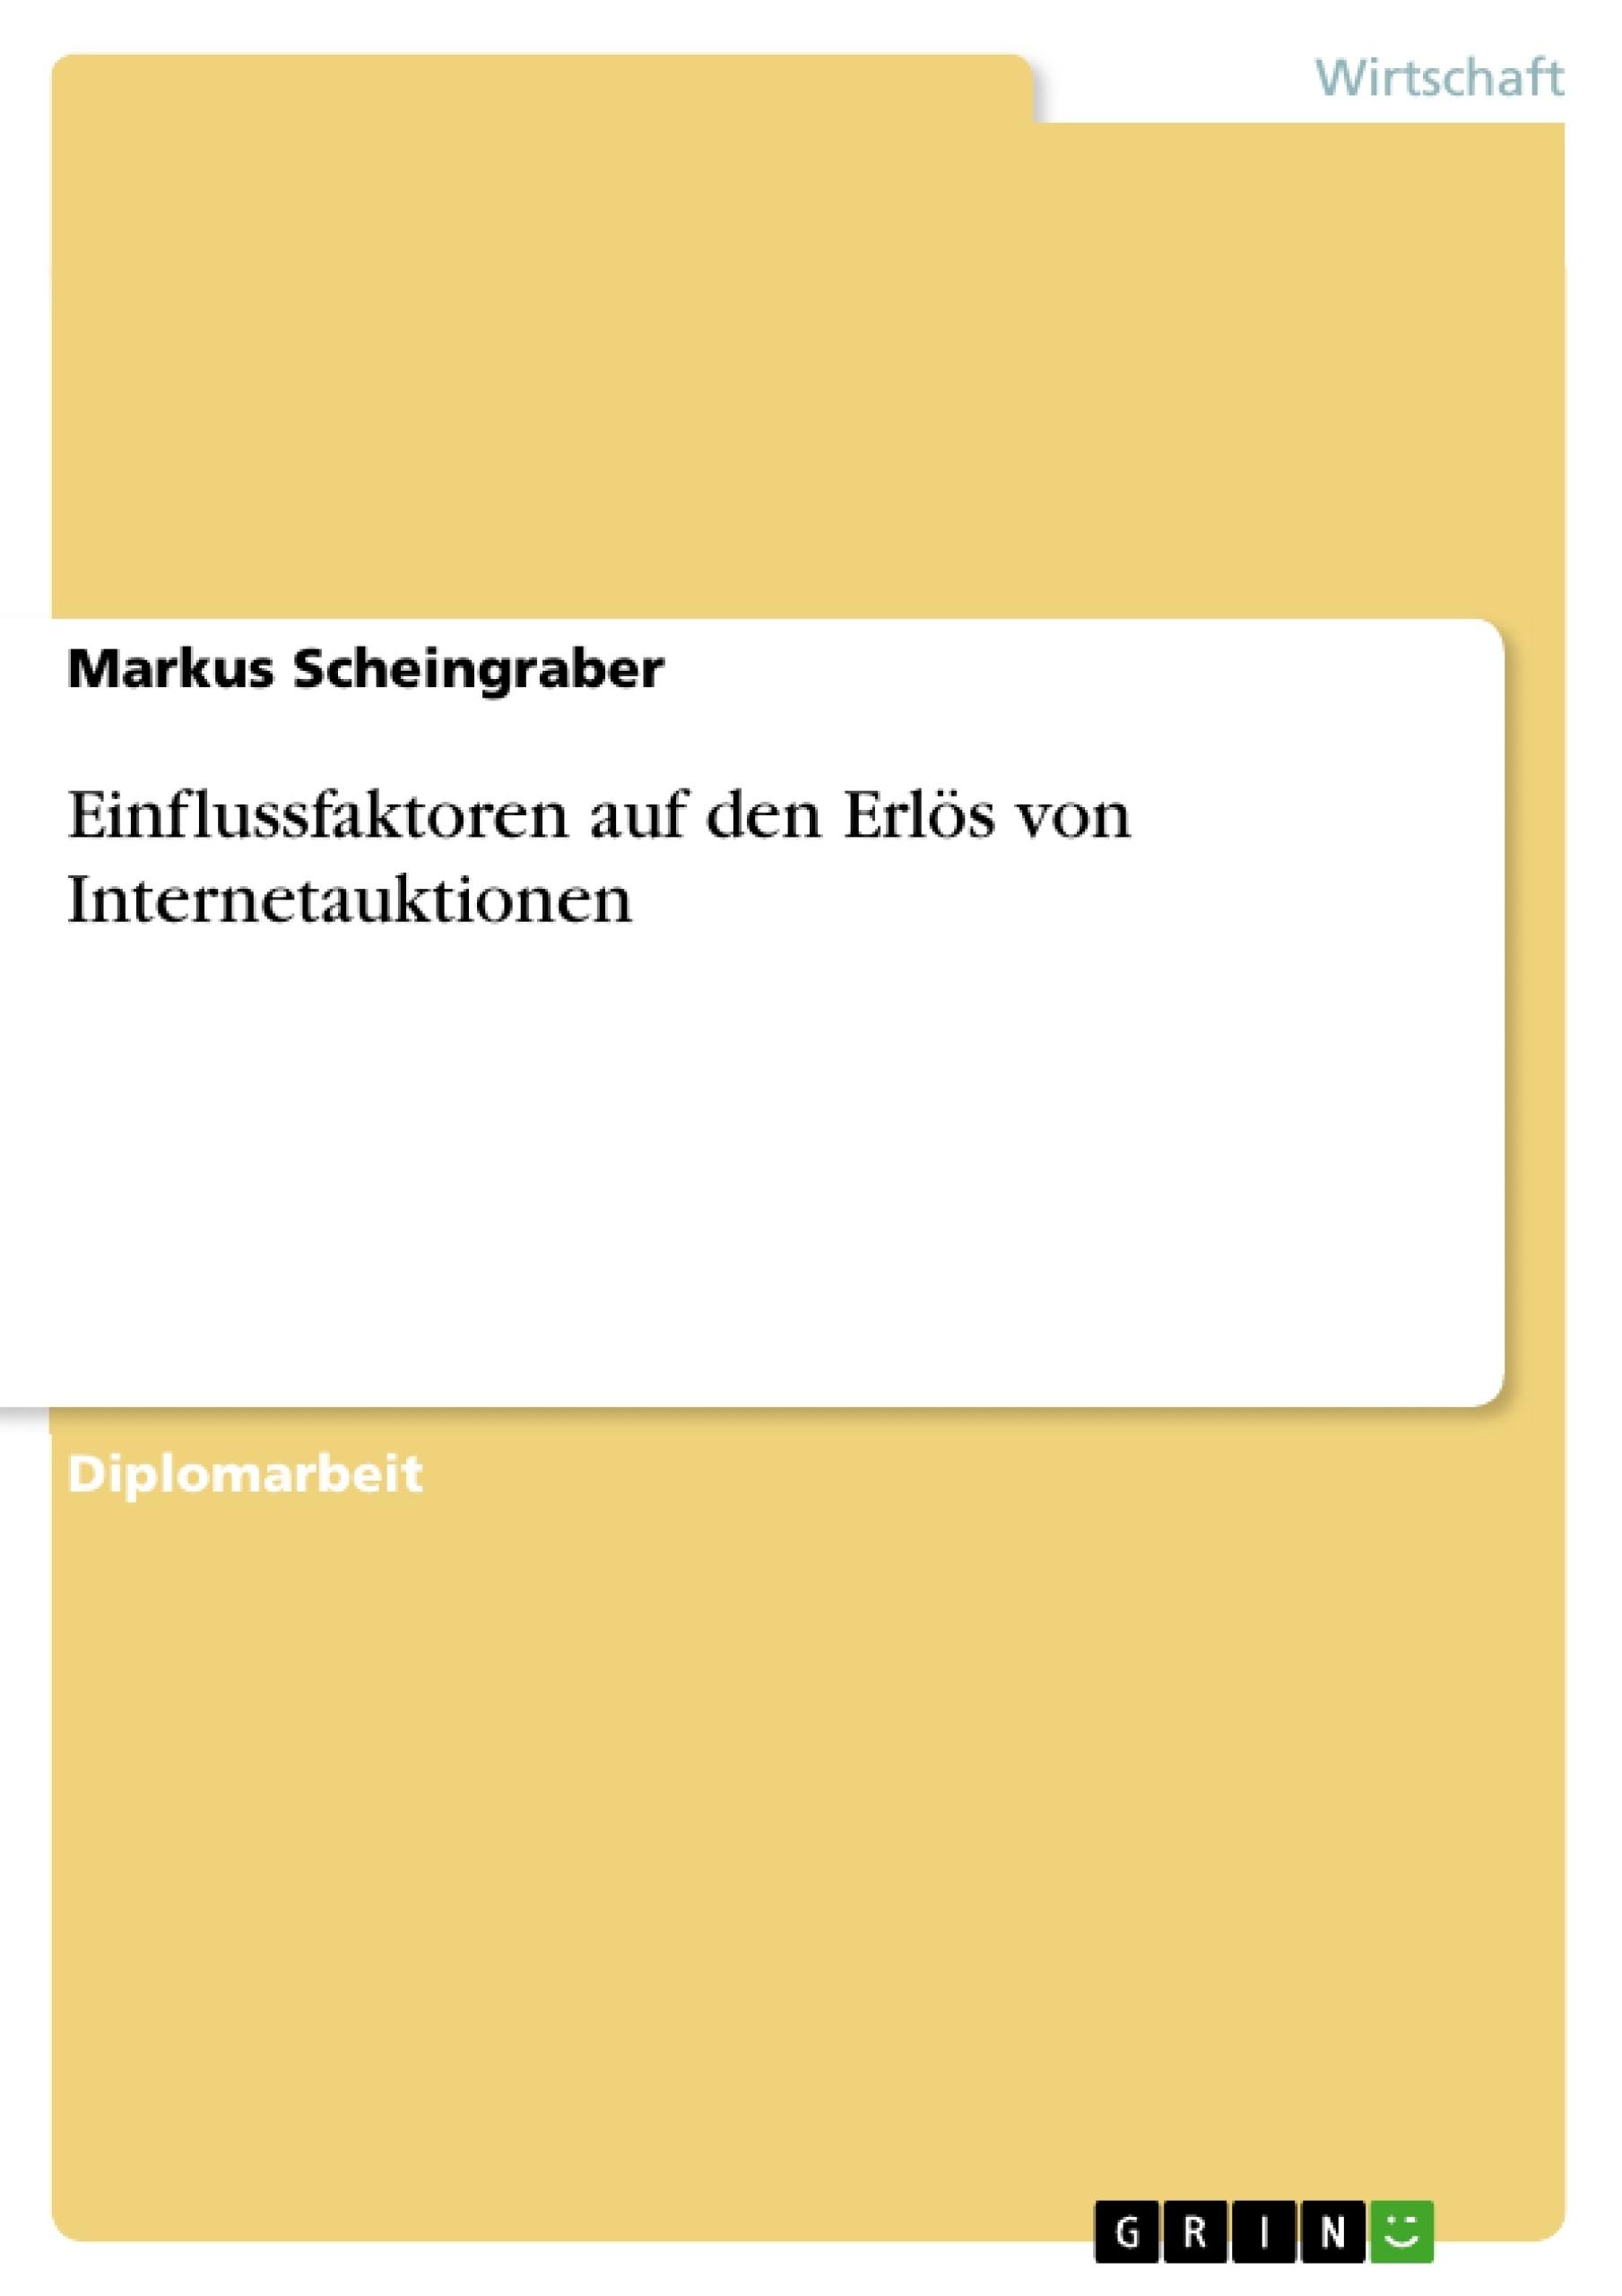 Titel: Einflussfaktoren auf den Erlös von Internetauktionen